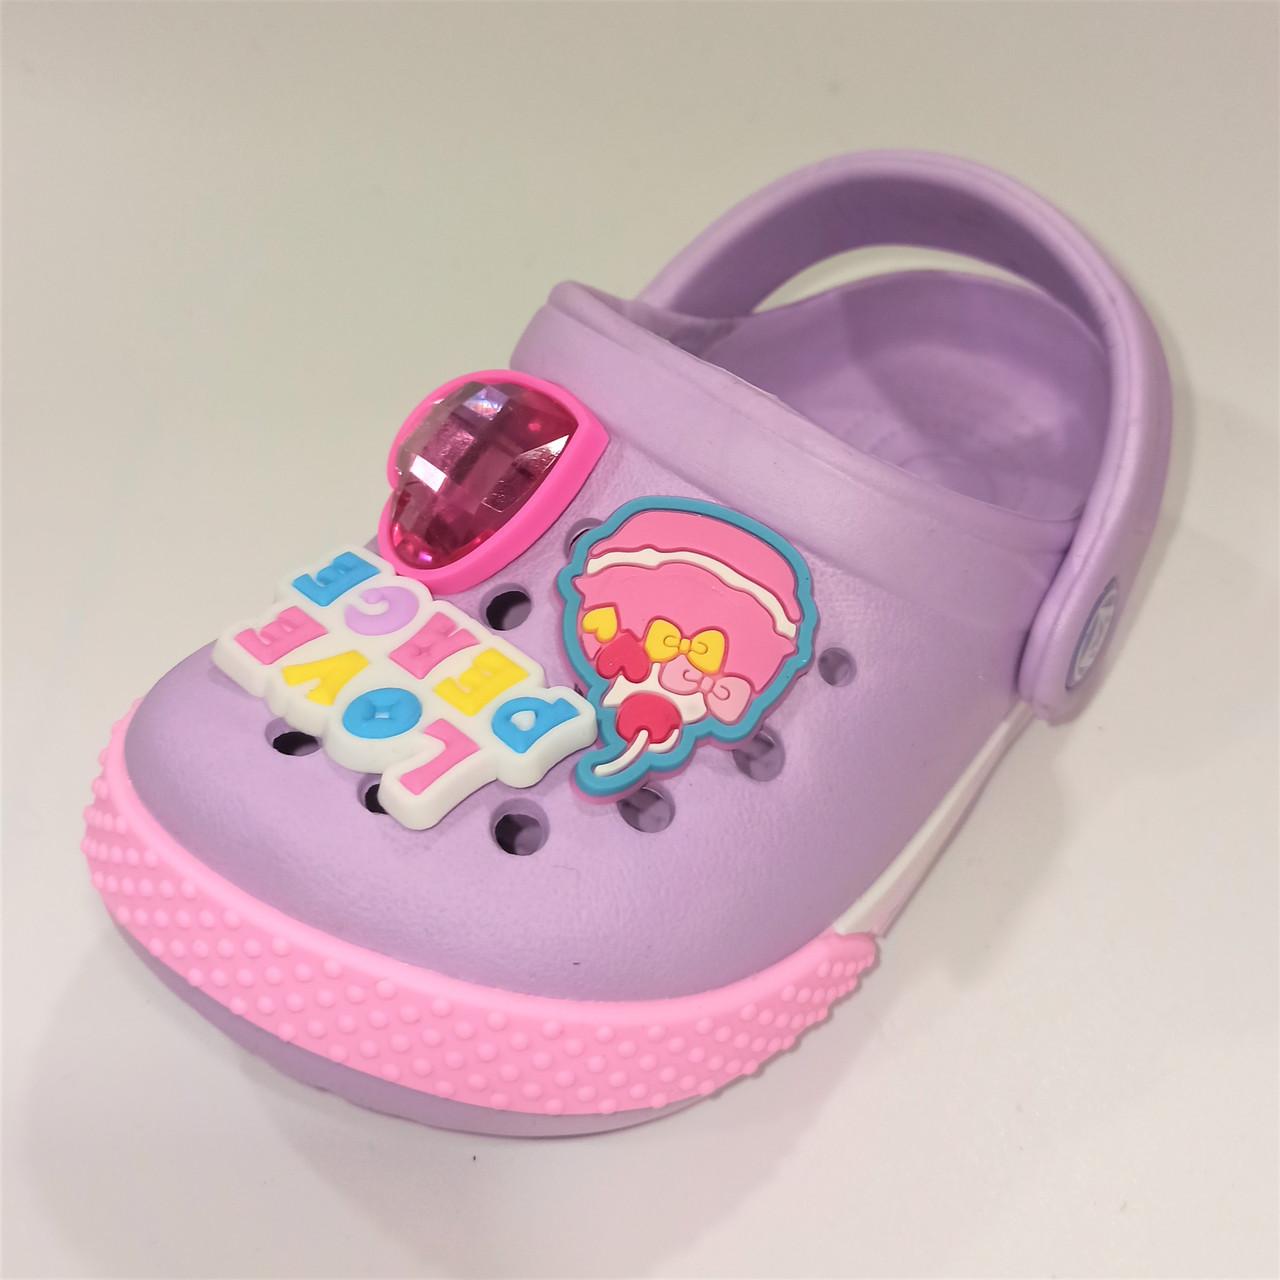 Детские сабо на девочку, фиолетовые Calypso размеры: 23-29